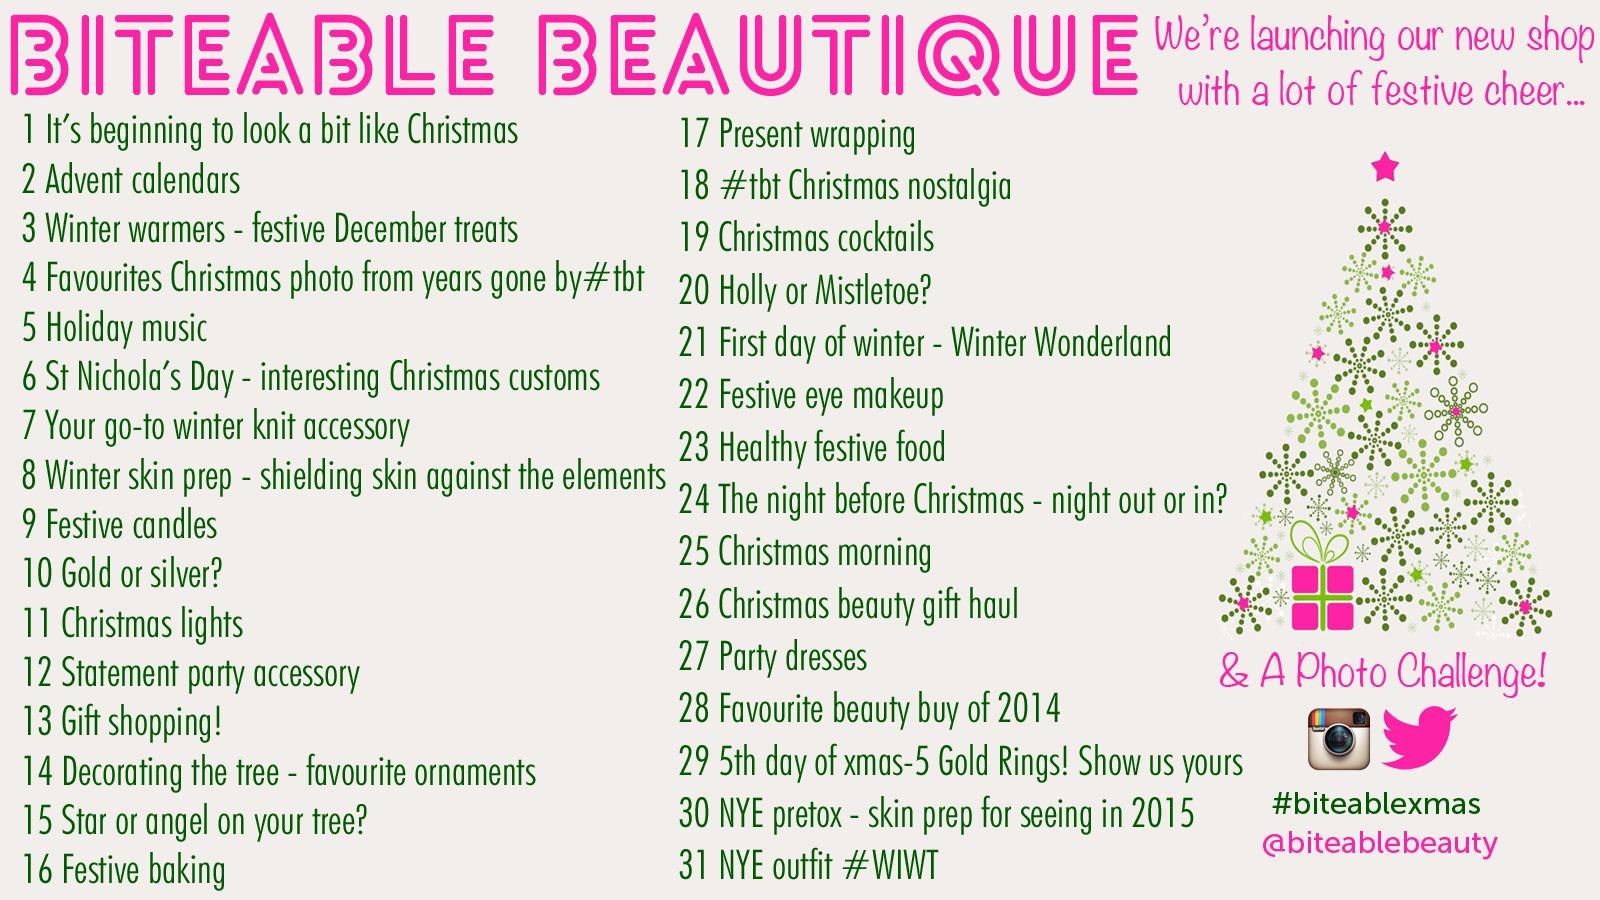 BIteable-Beautique-Photo-Challenge-Banner